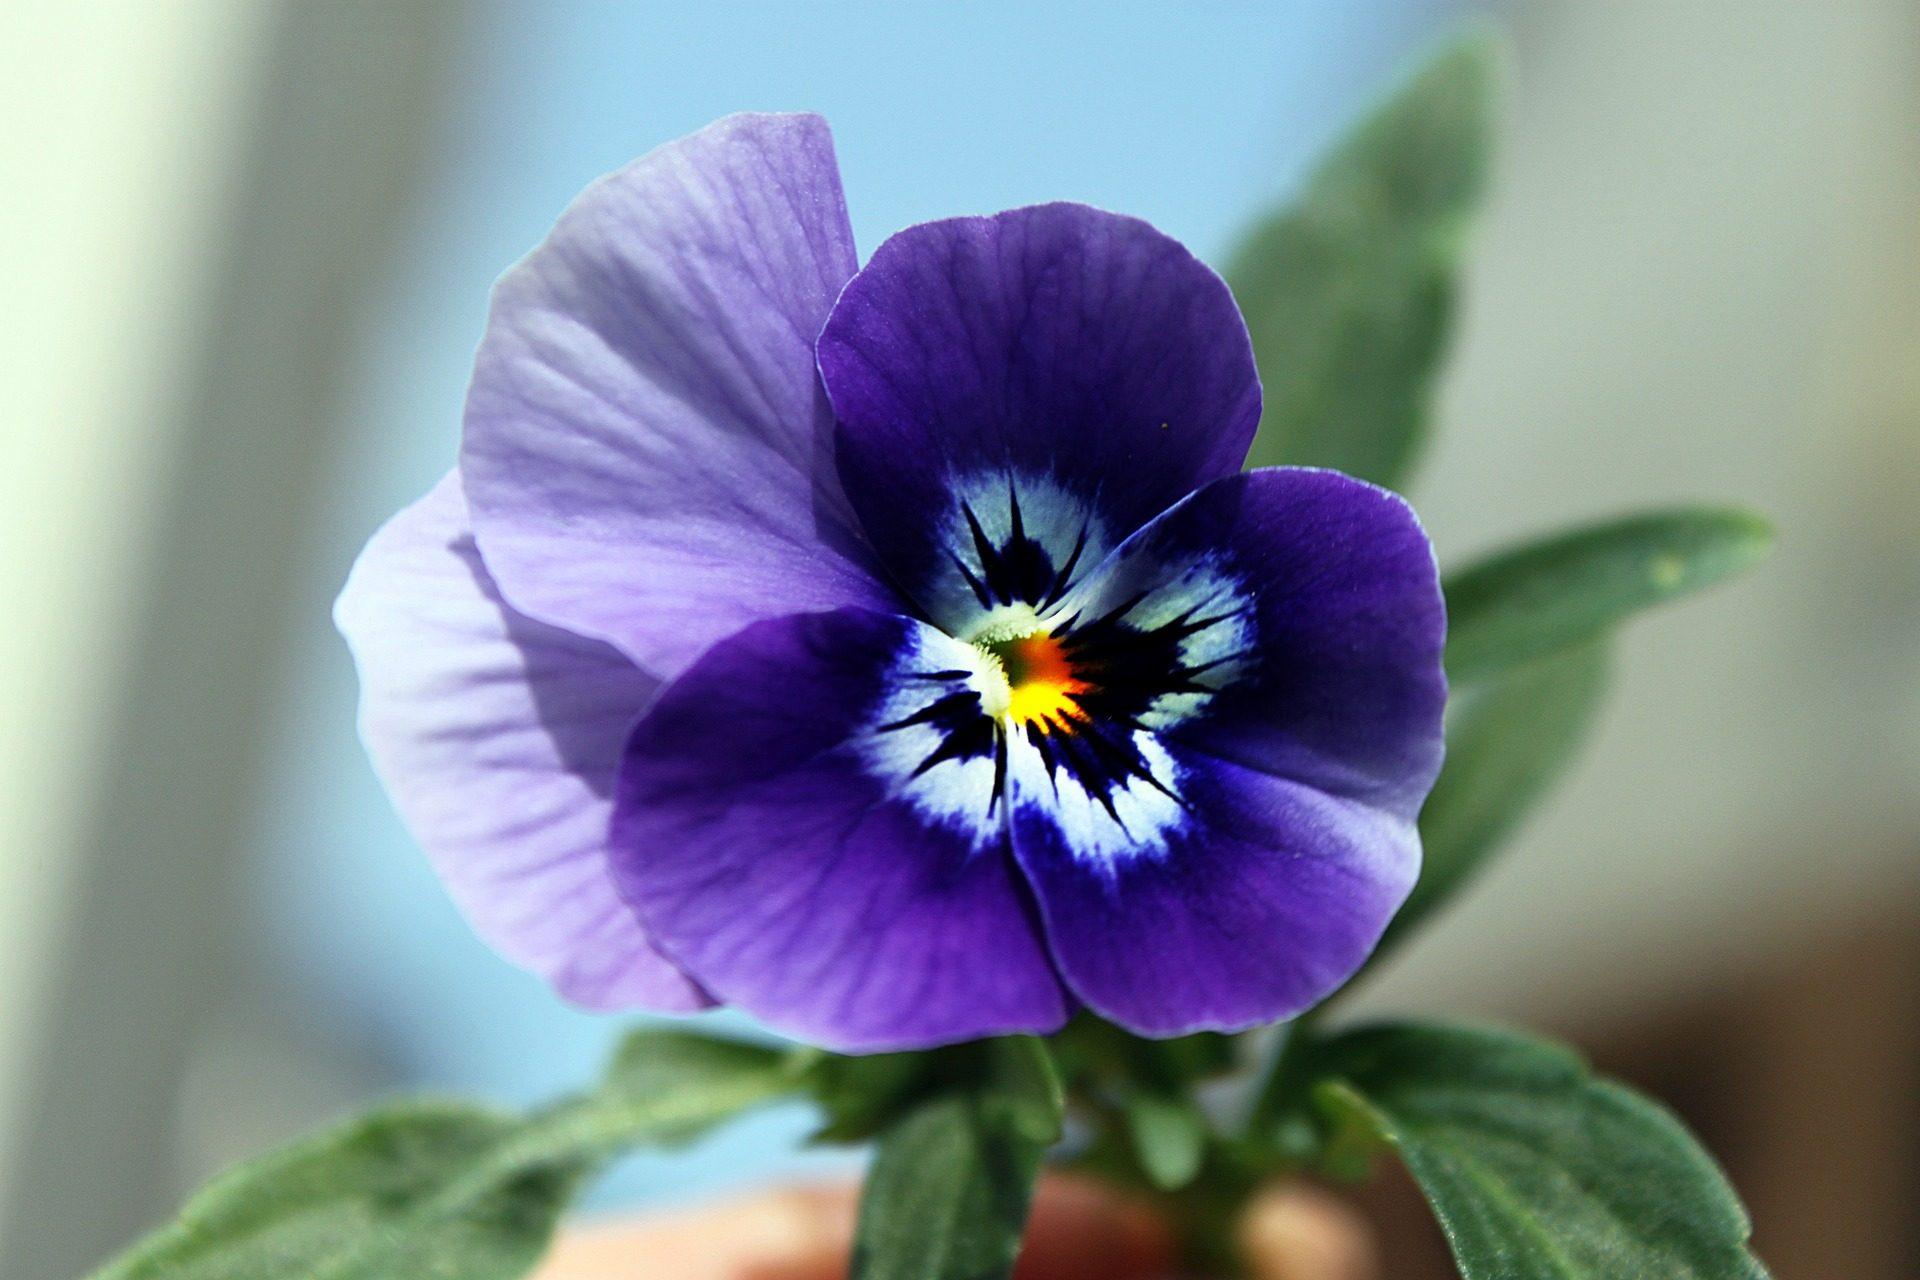 λουλούδι, Βιολέτα, πέταλα, ισόγειο, σχετικά με - Wallpapers HD - Professor-falken.com